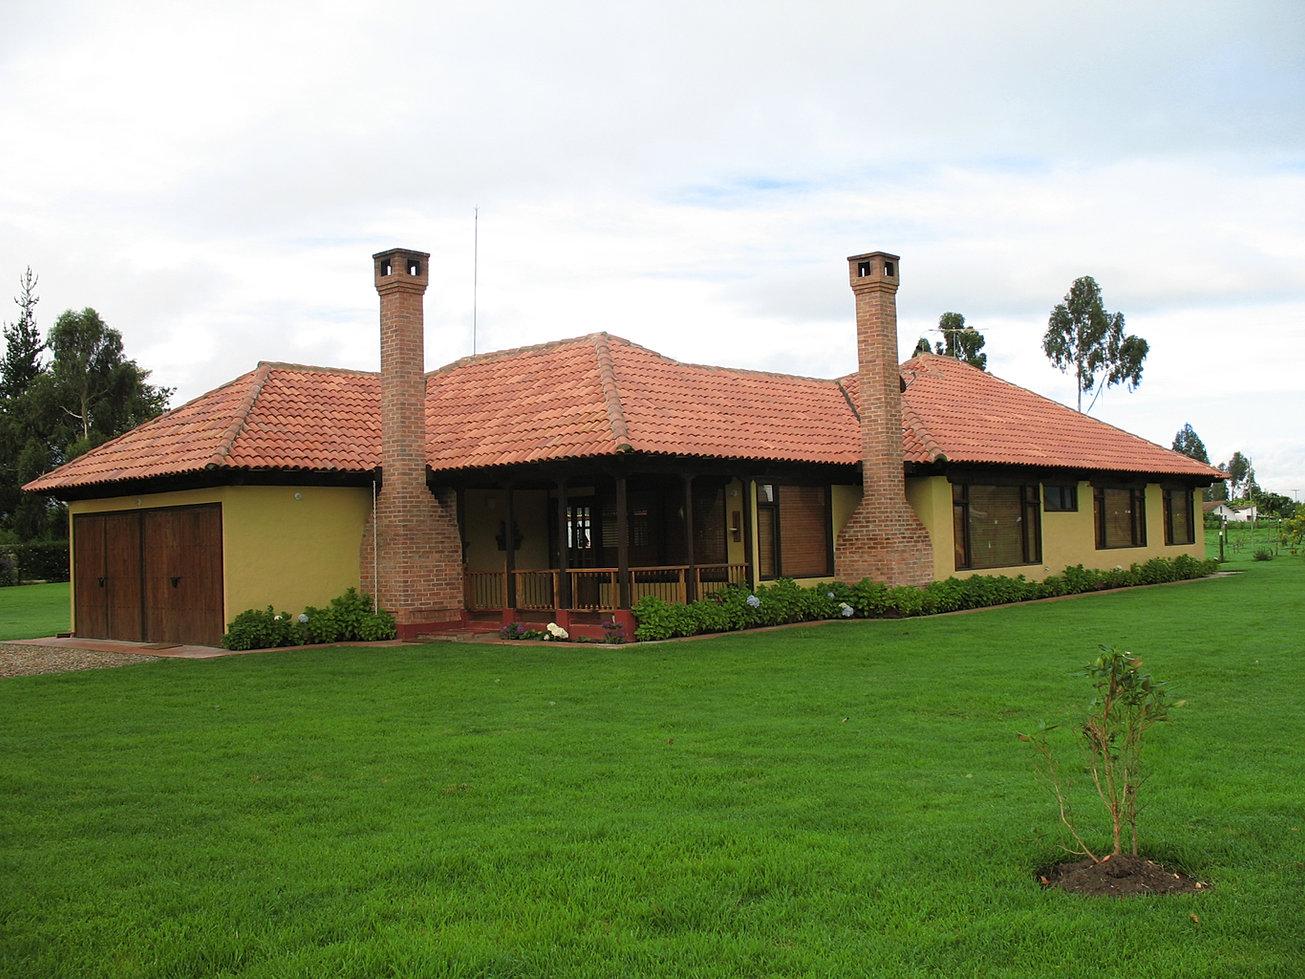 Casas campestres construccion personalizada casas for Planos para casas campestres